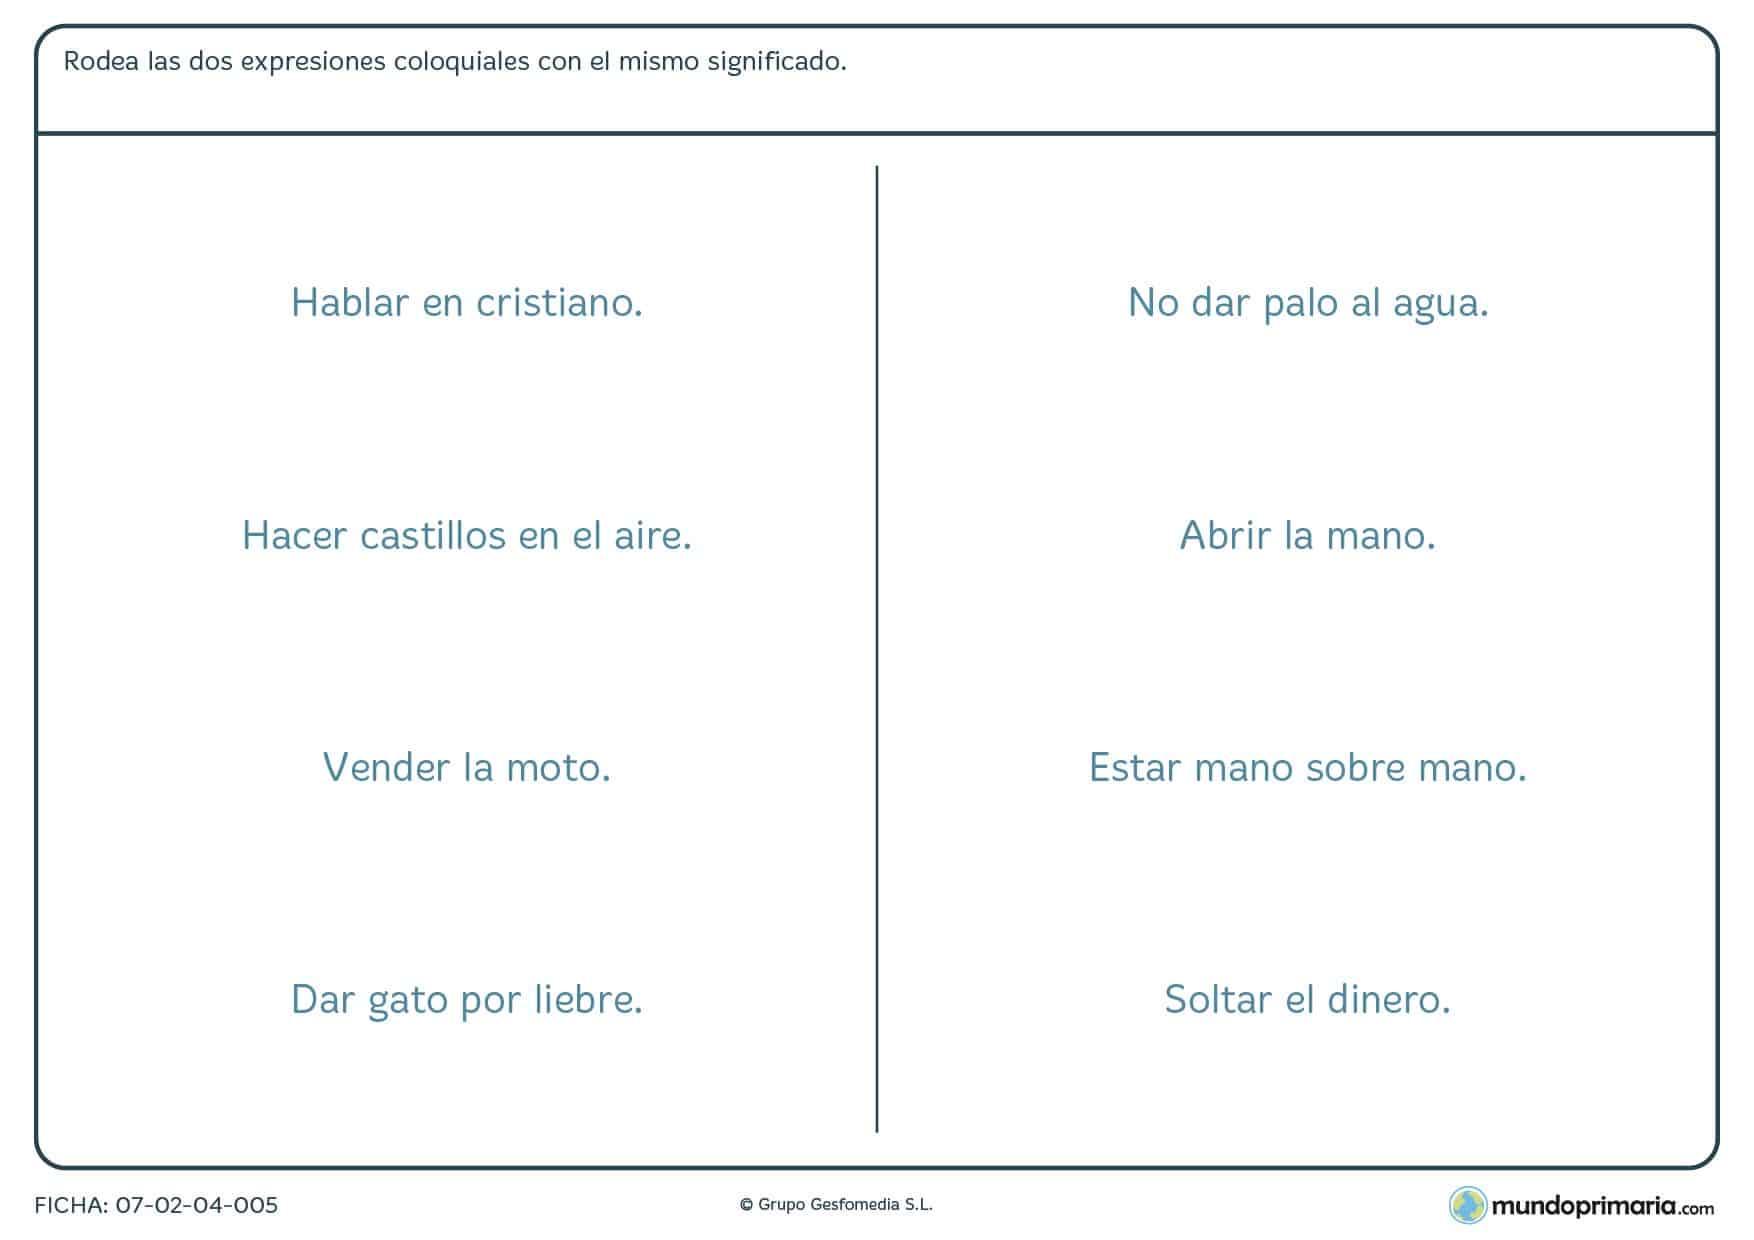 Ficha de lenguaje de frases hechas para niños de educación primaria